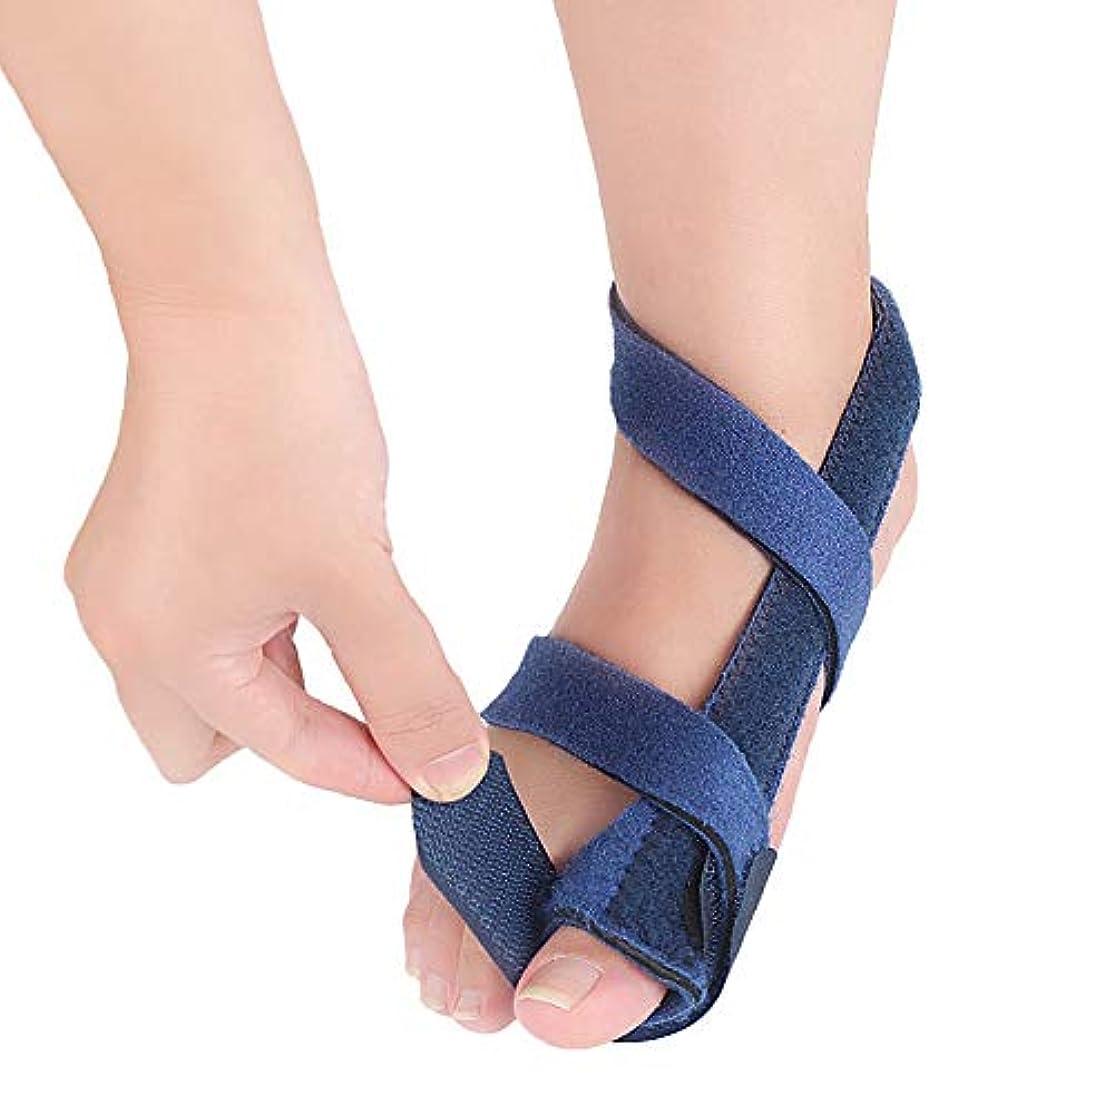 不完全姉妹吸い込む外反母趾足指セパレーターは足指重複嚢胞通気性吸収汗ワンサイズを防止し、ヨガ後の痛みと変形を軽減